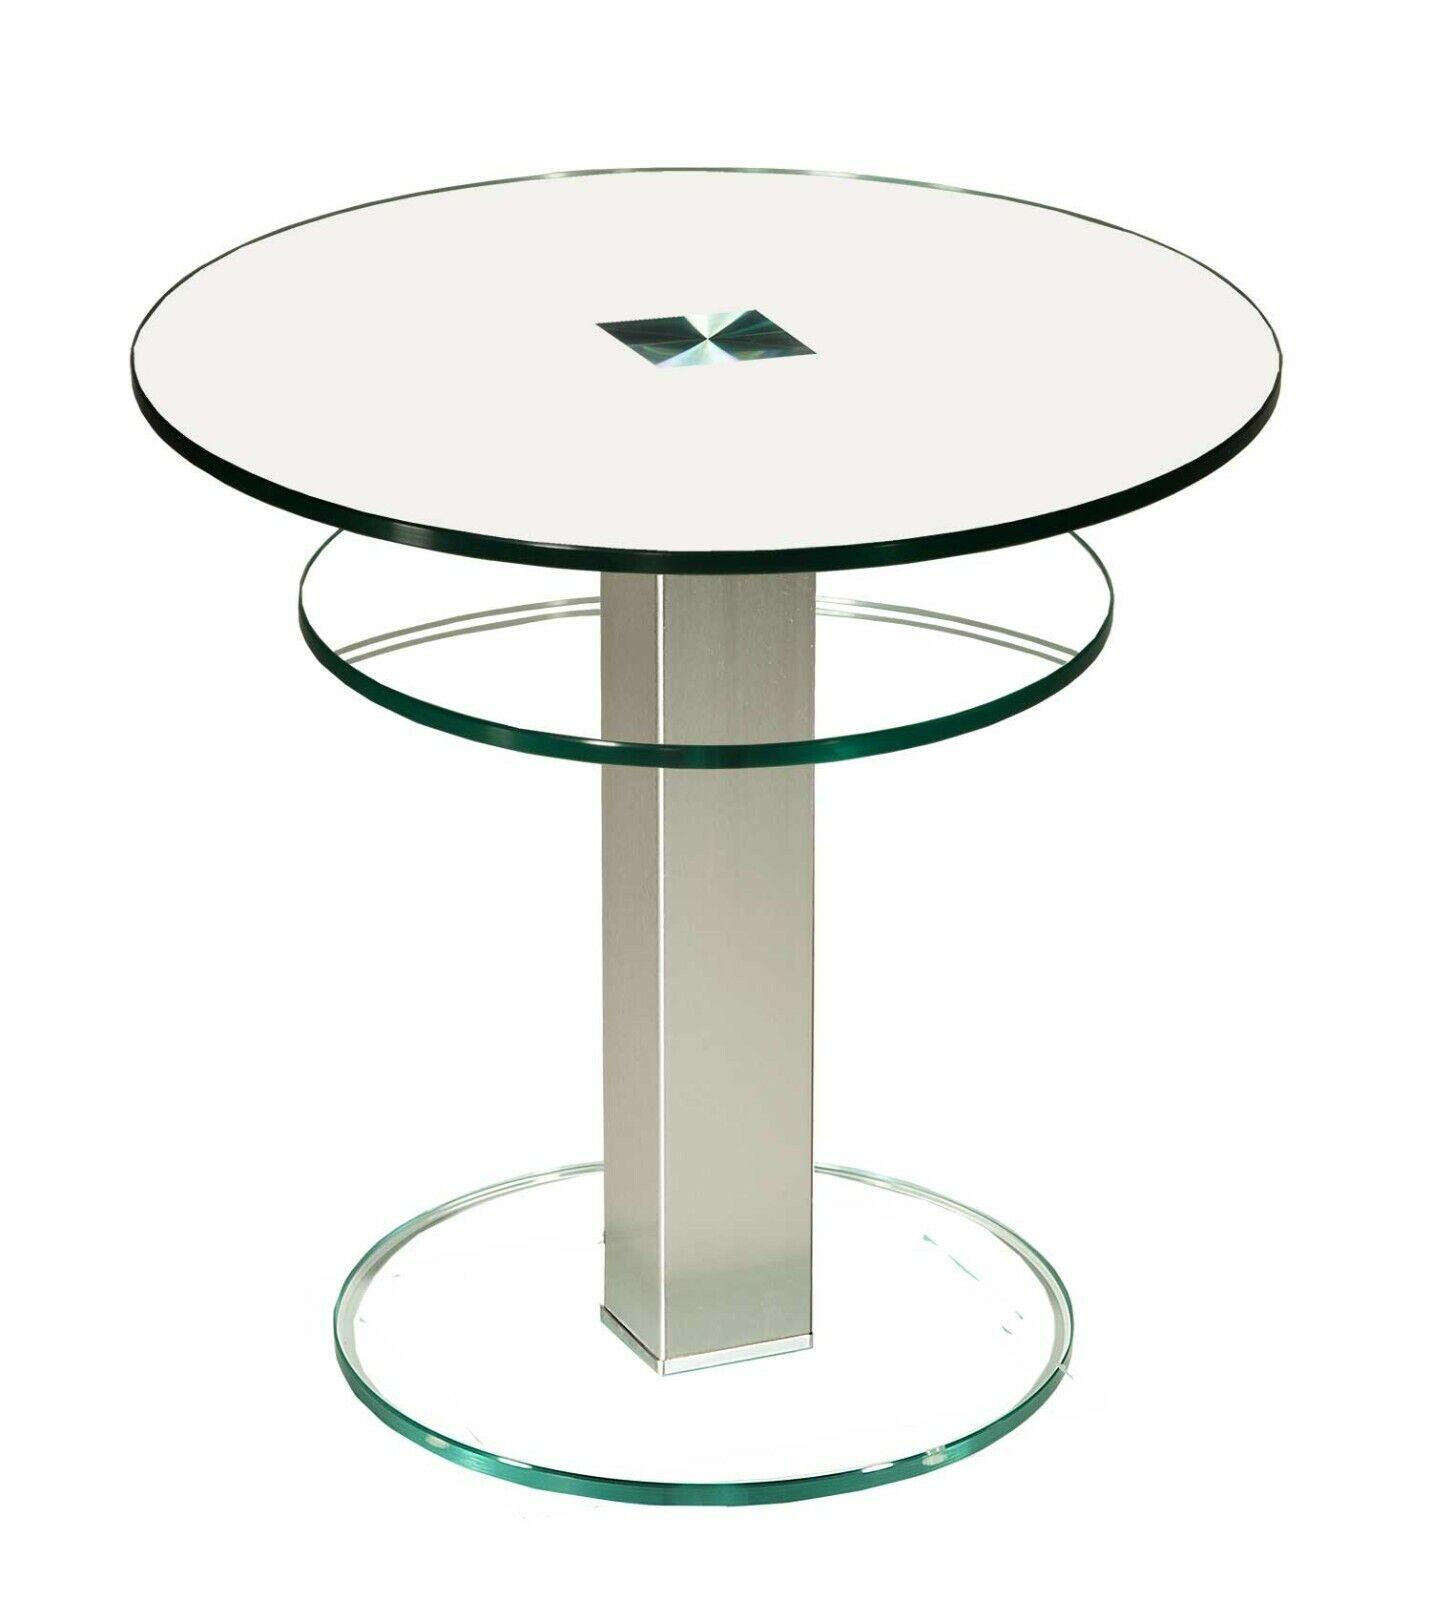 Glastisch Motala klarglas Beistelltisch Couchtisch Blumentisch Skandi Tisch